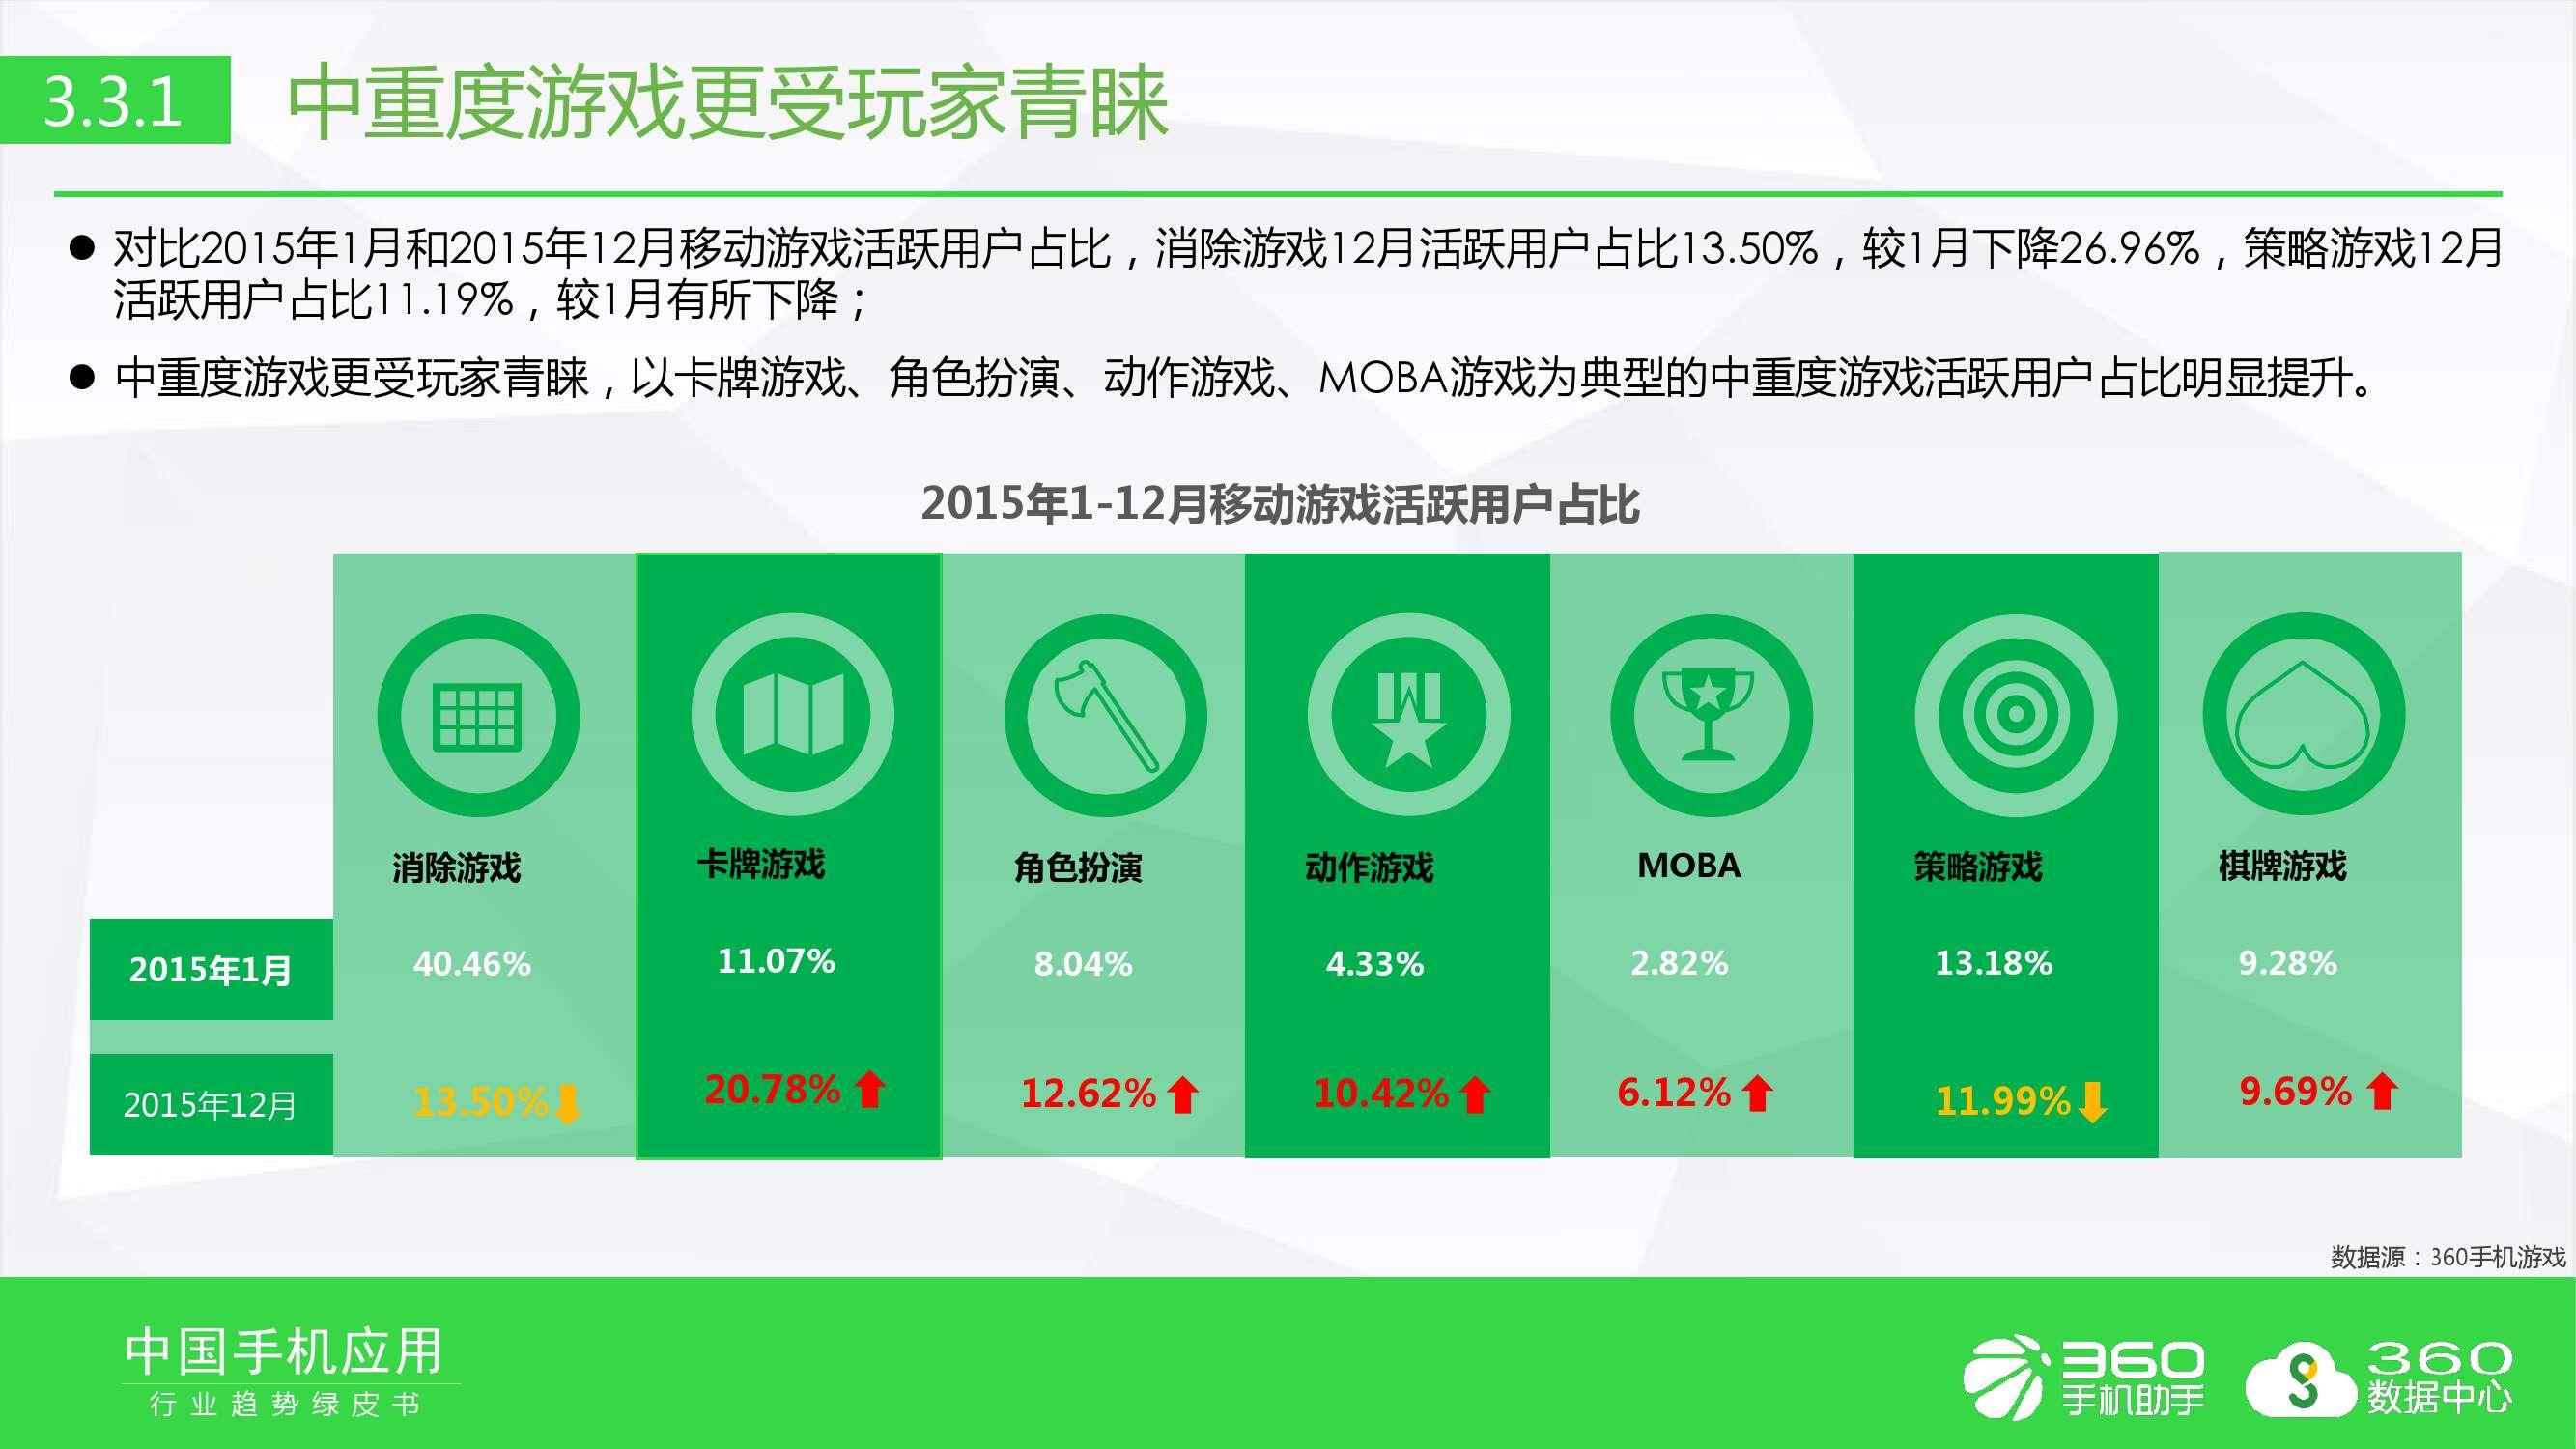 2016年手机软件行业趋势绿皮书_000033